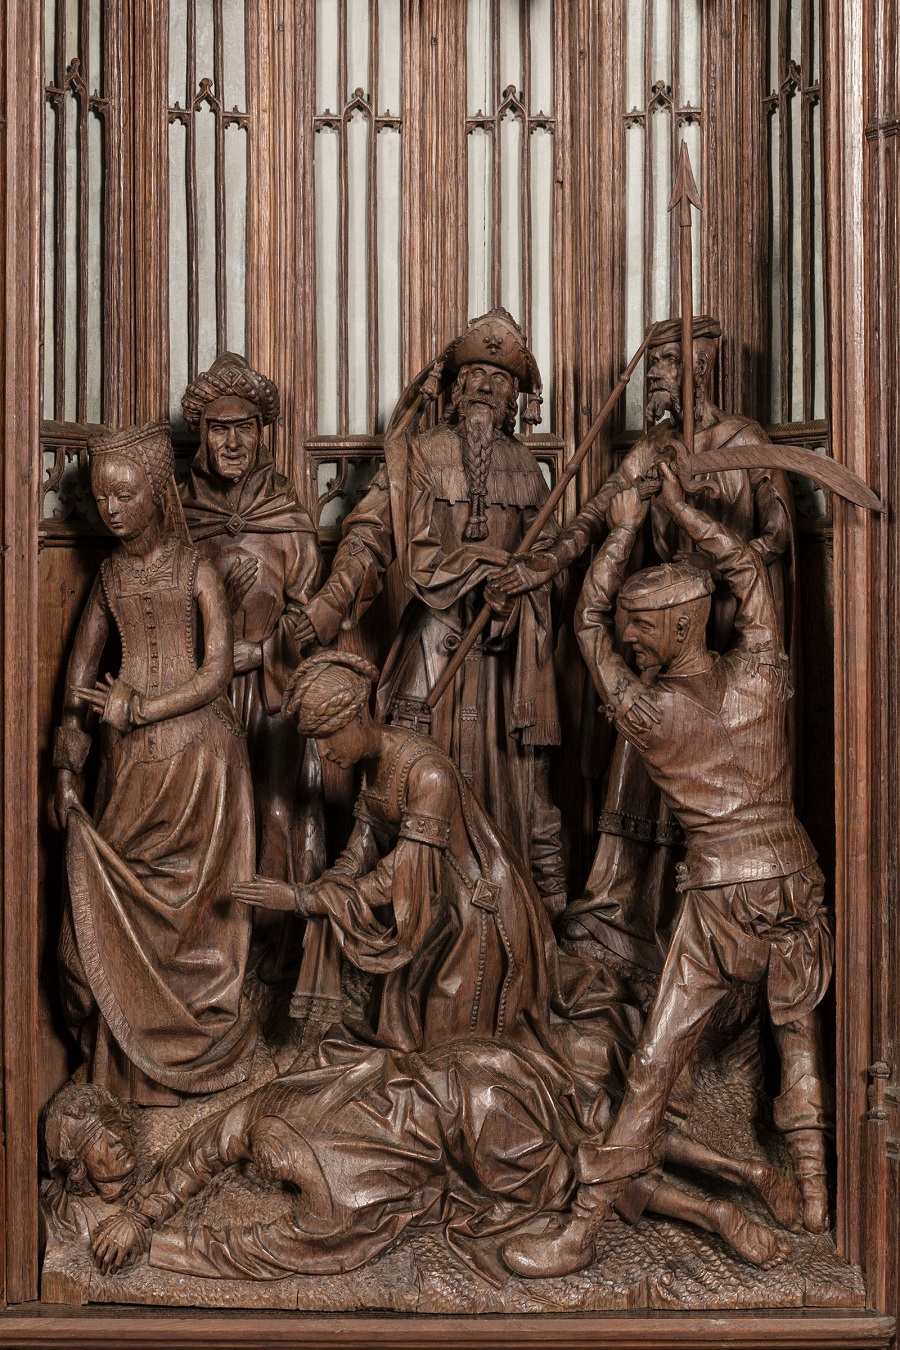 великолепный кровавый алтарь Святого Георгия (3).jpg